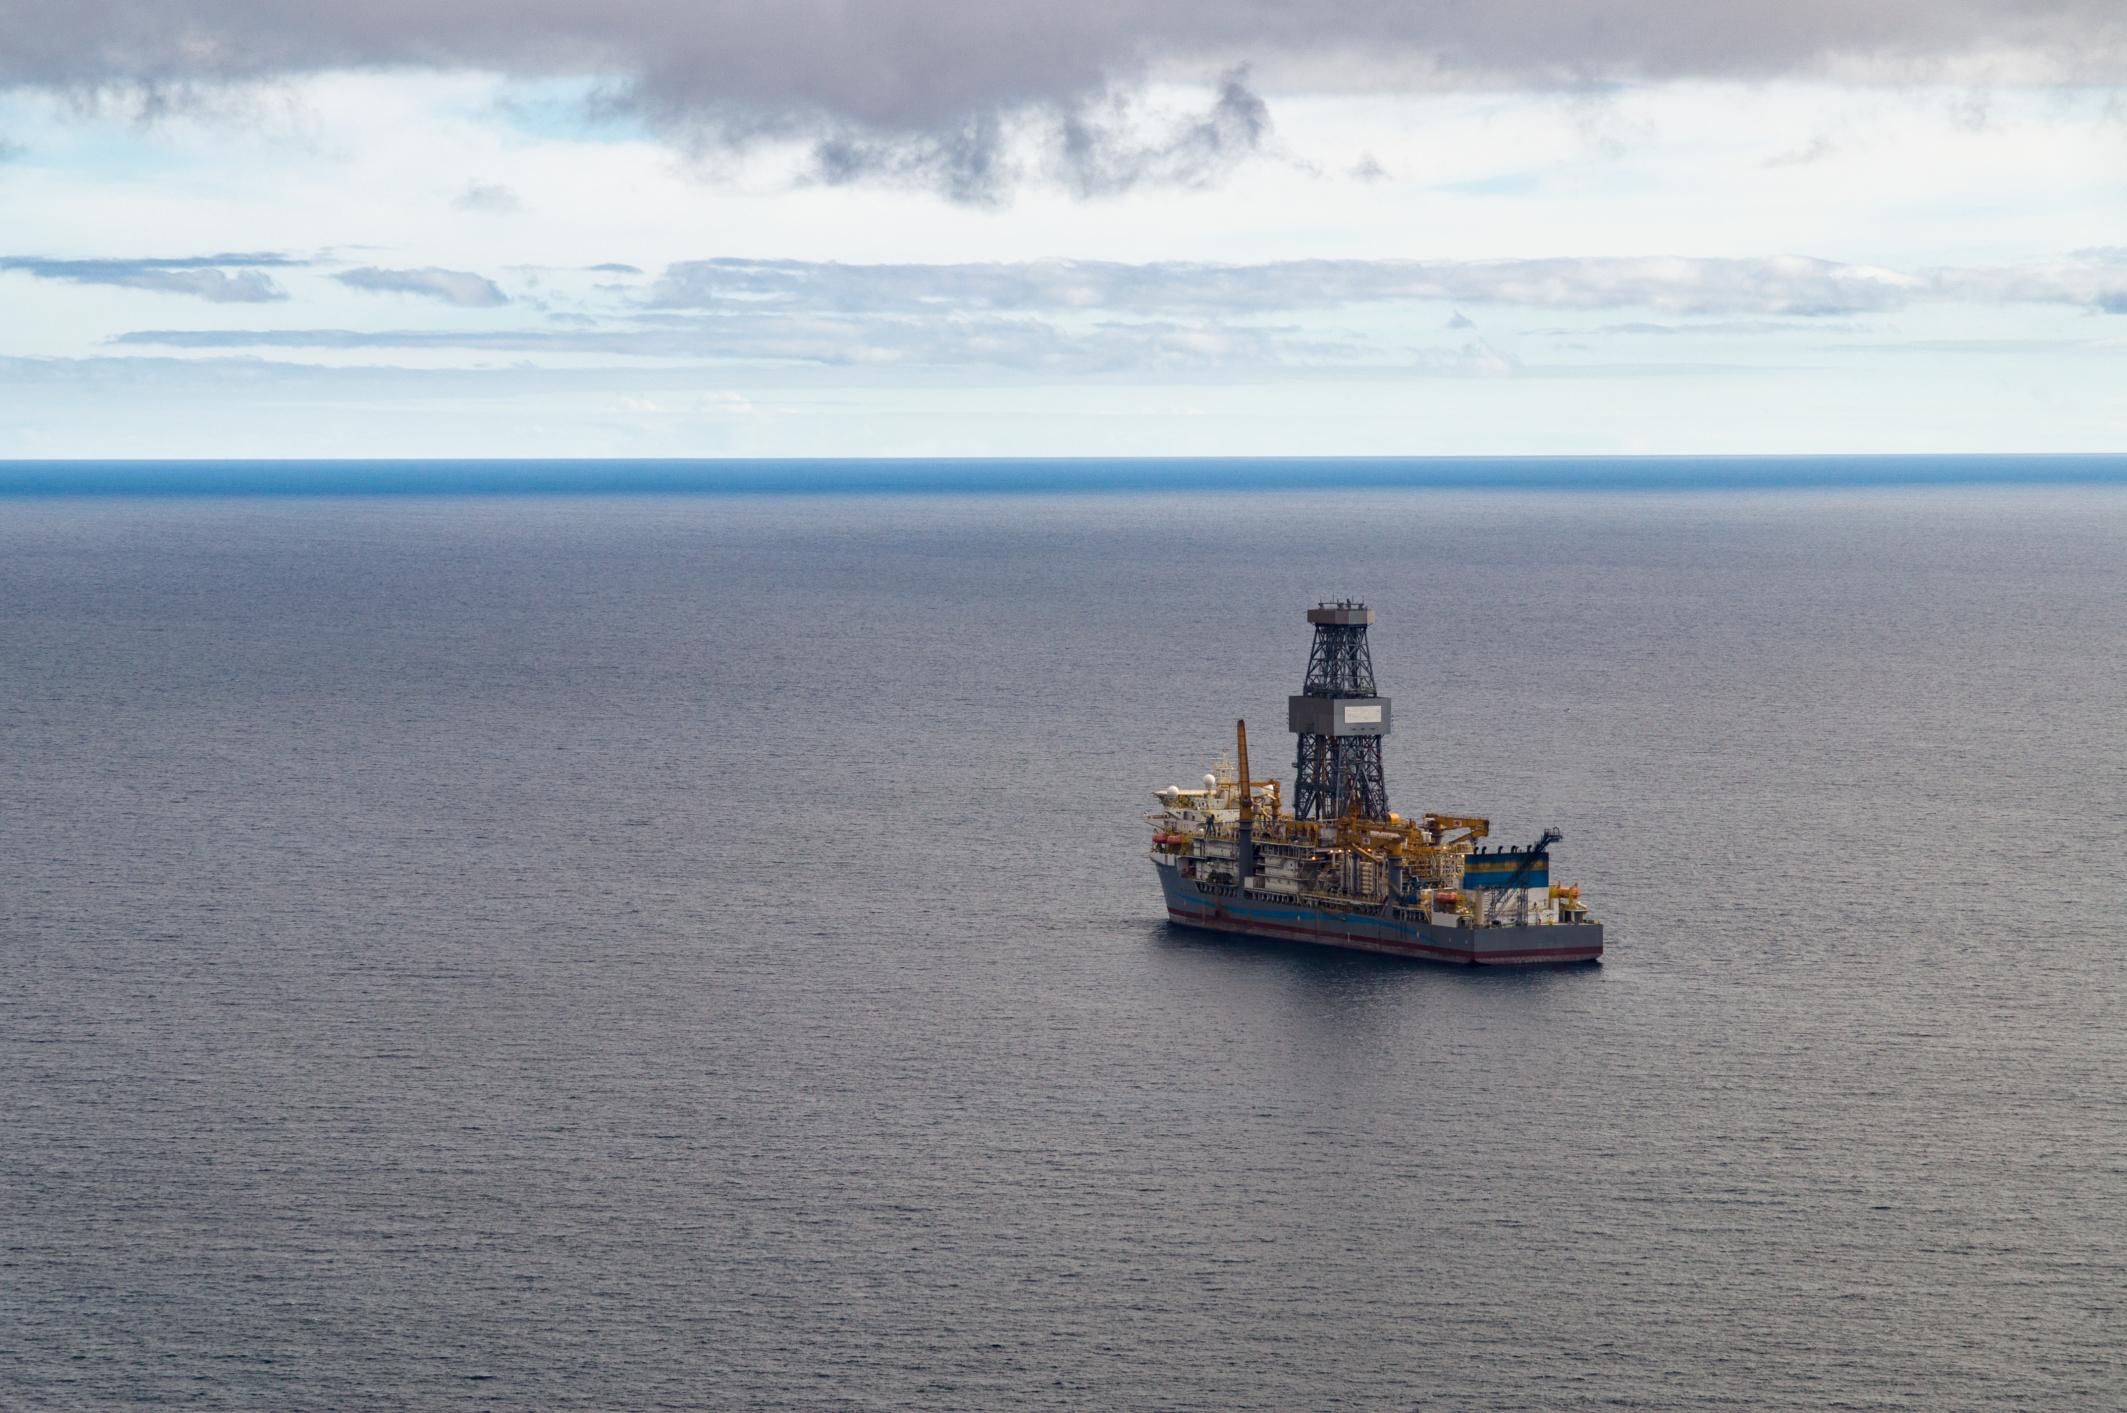 Drill ship at sea